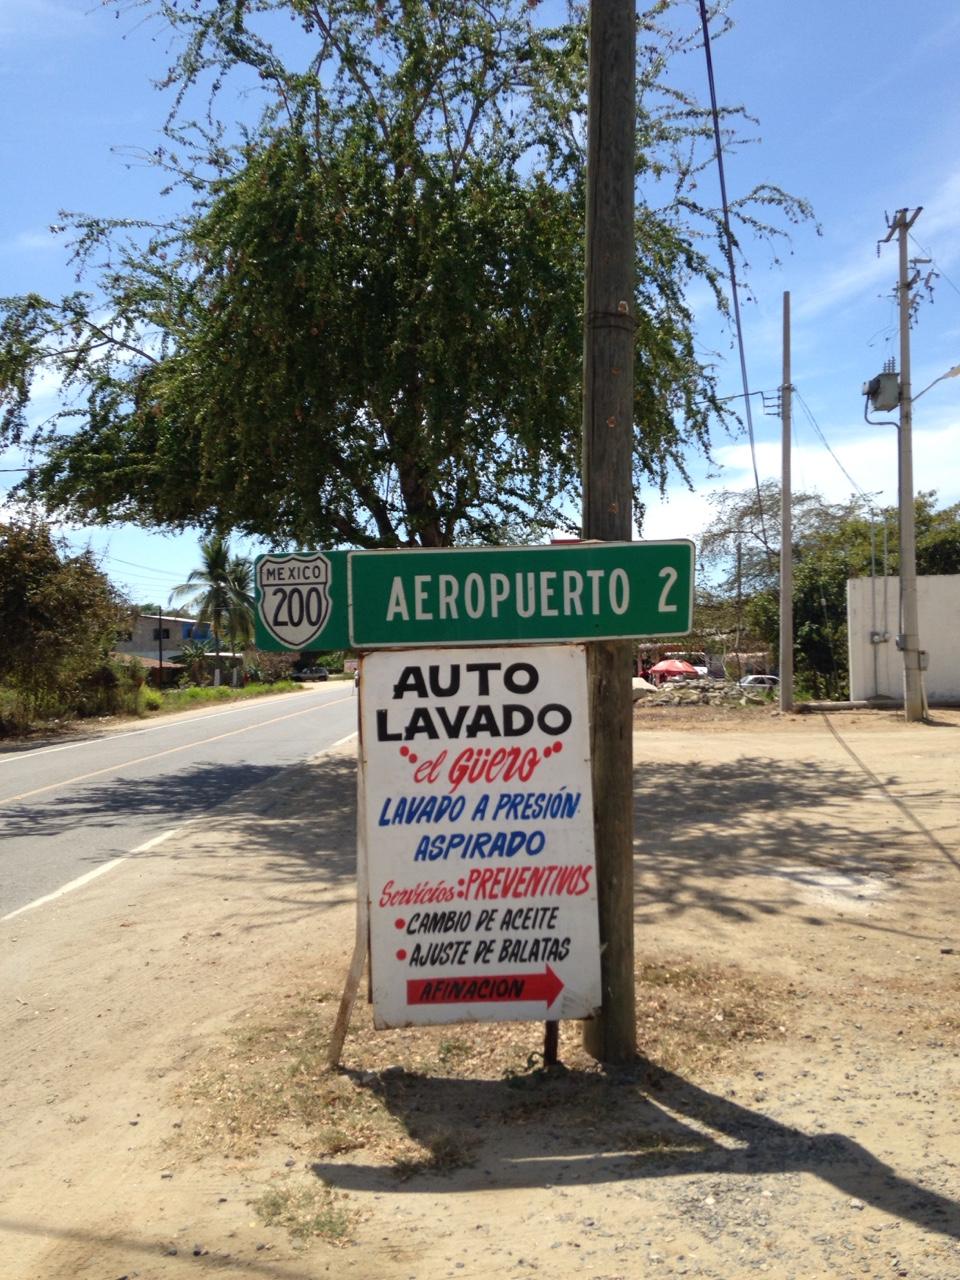 Adios Mexico